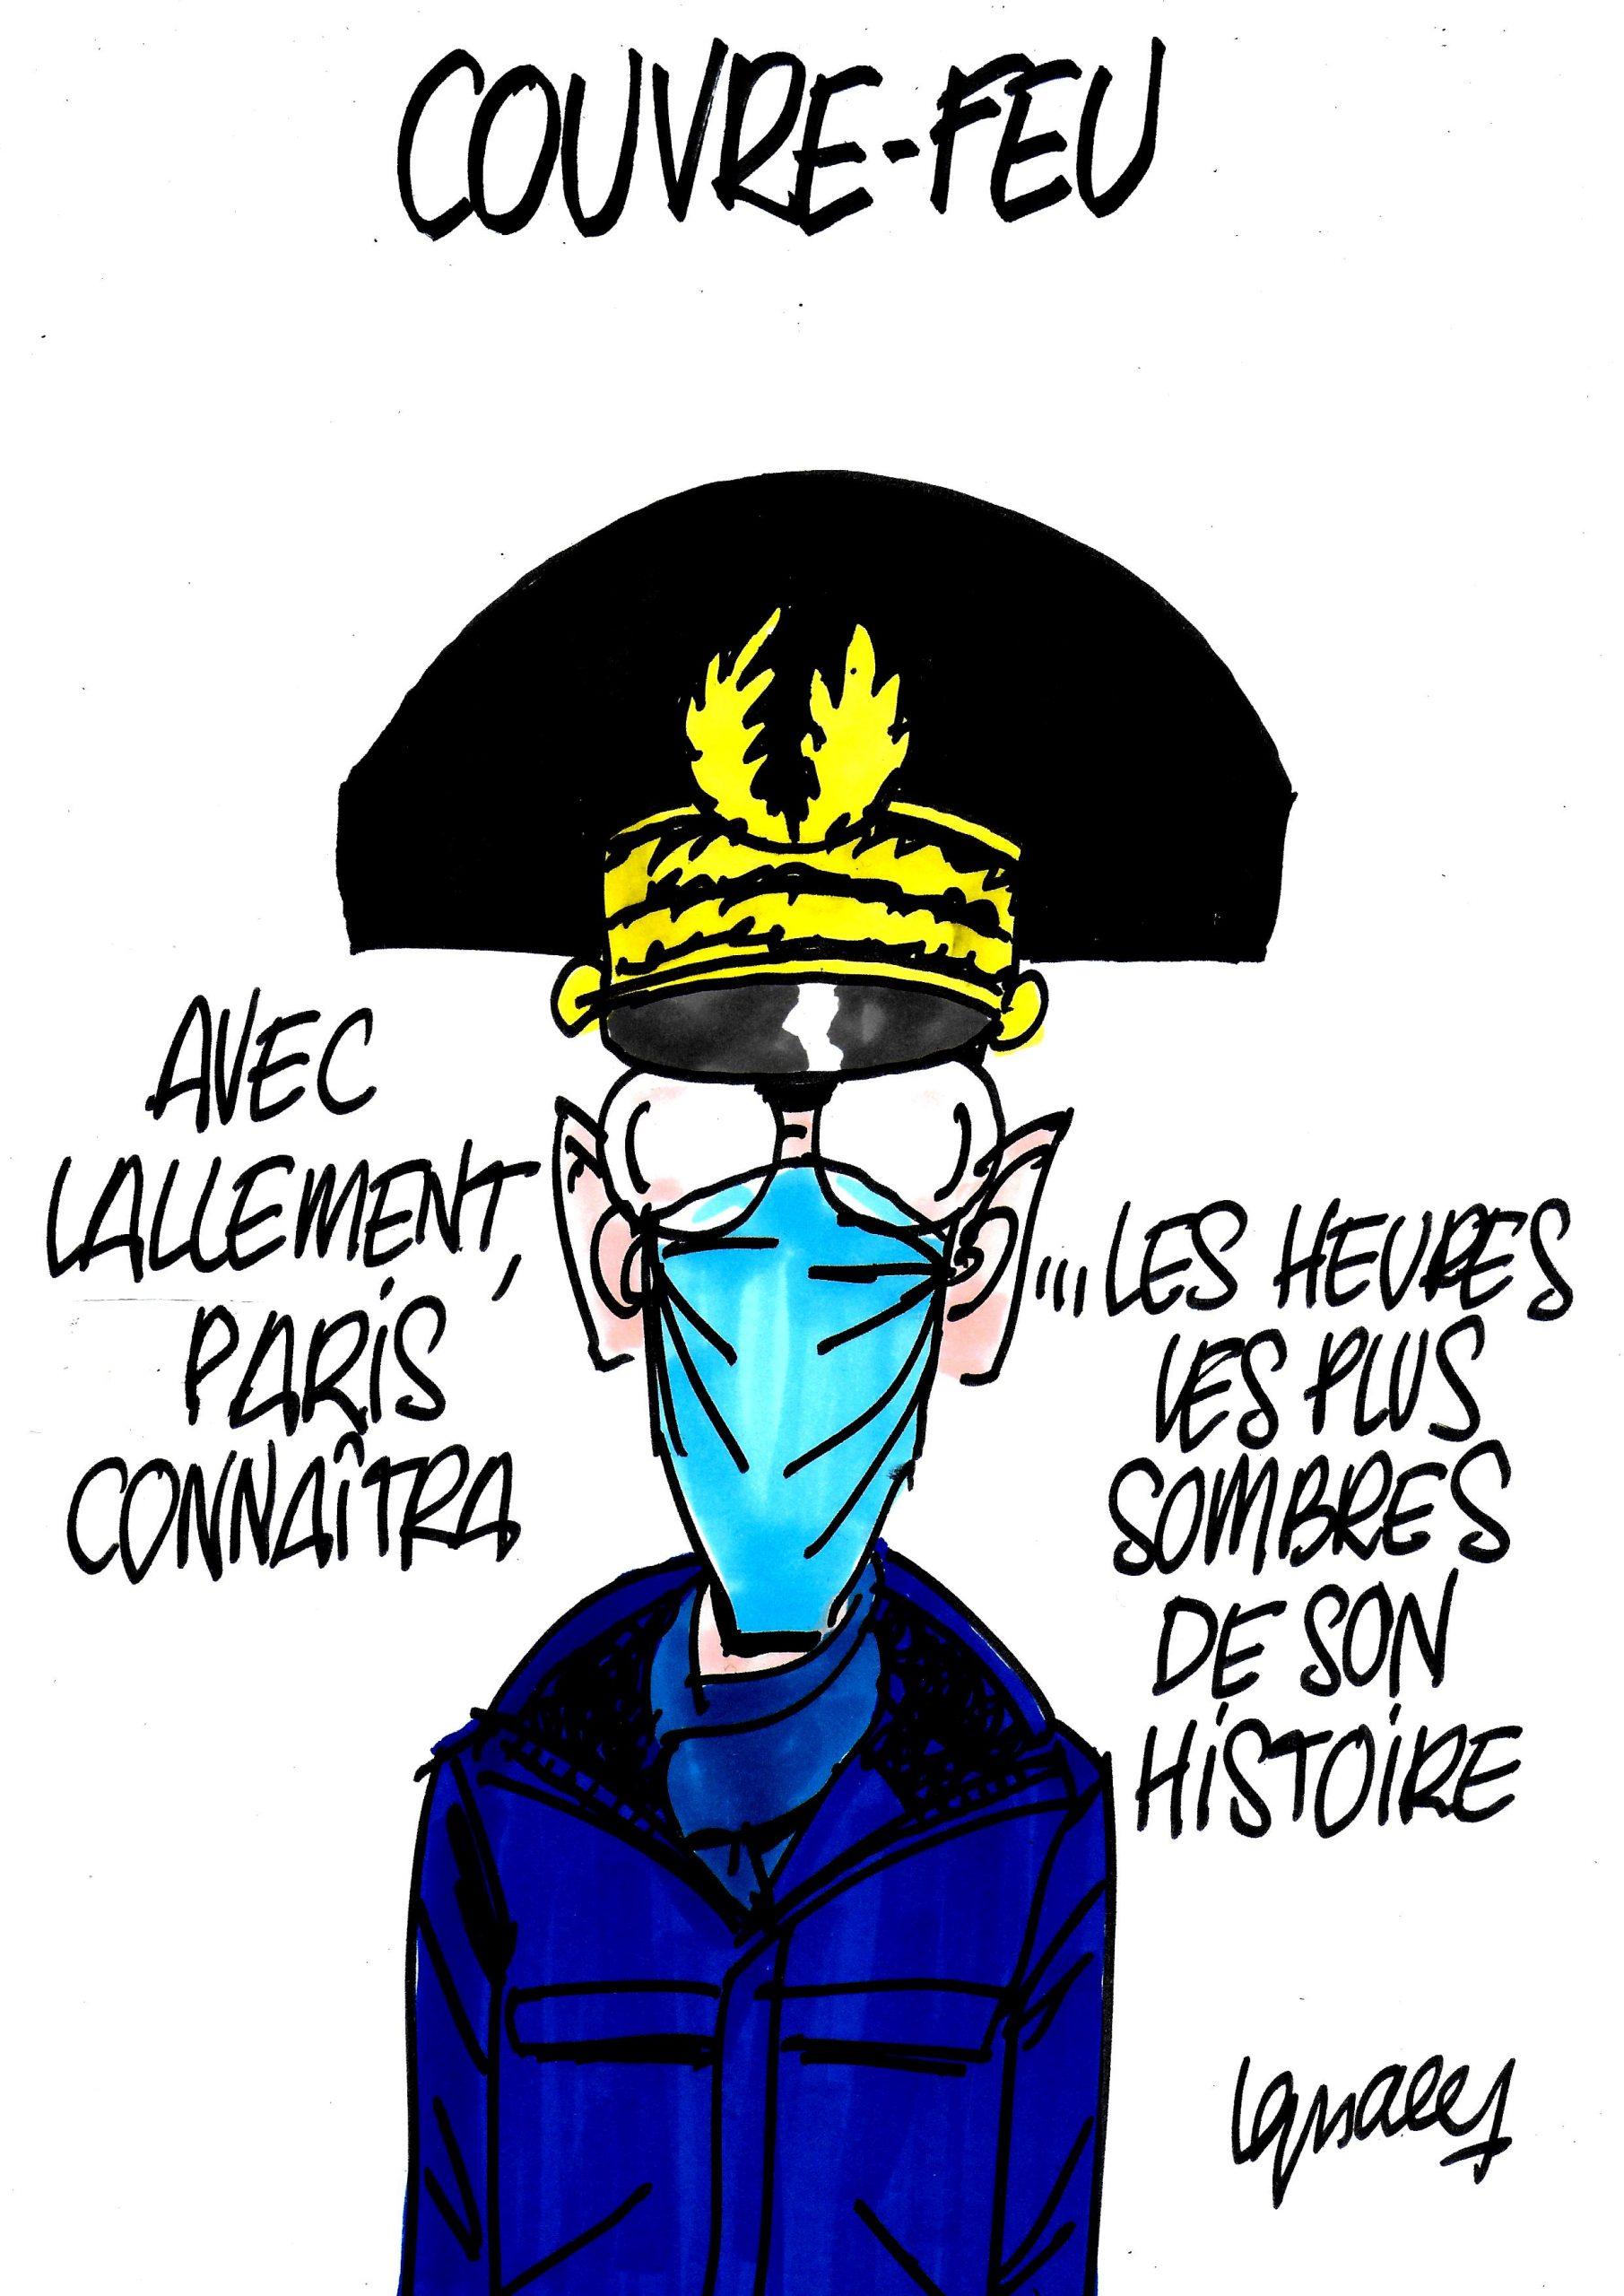 Ignace - Couvre-feu à Paris